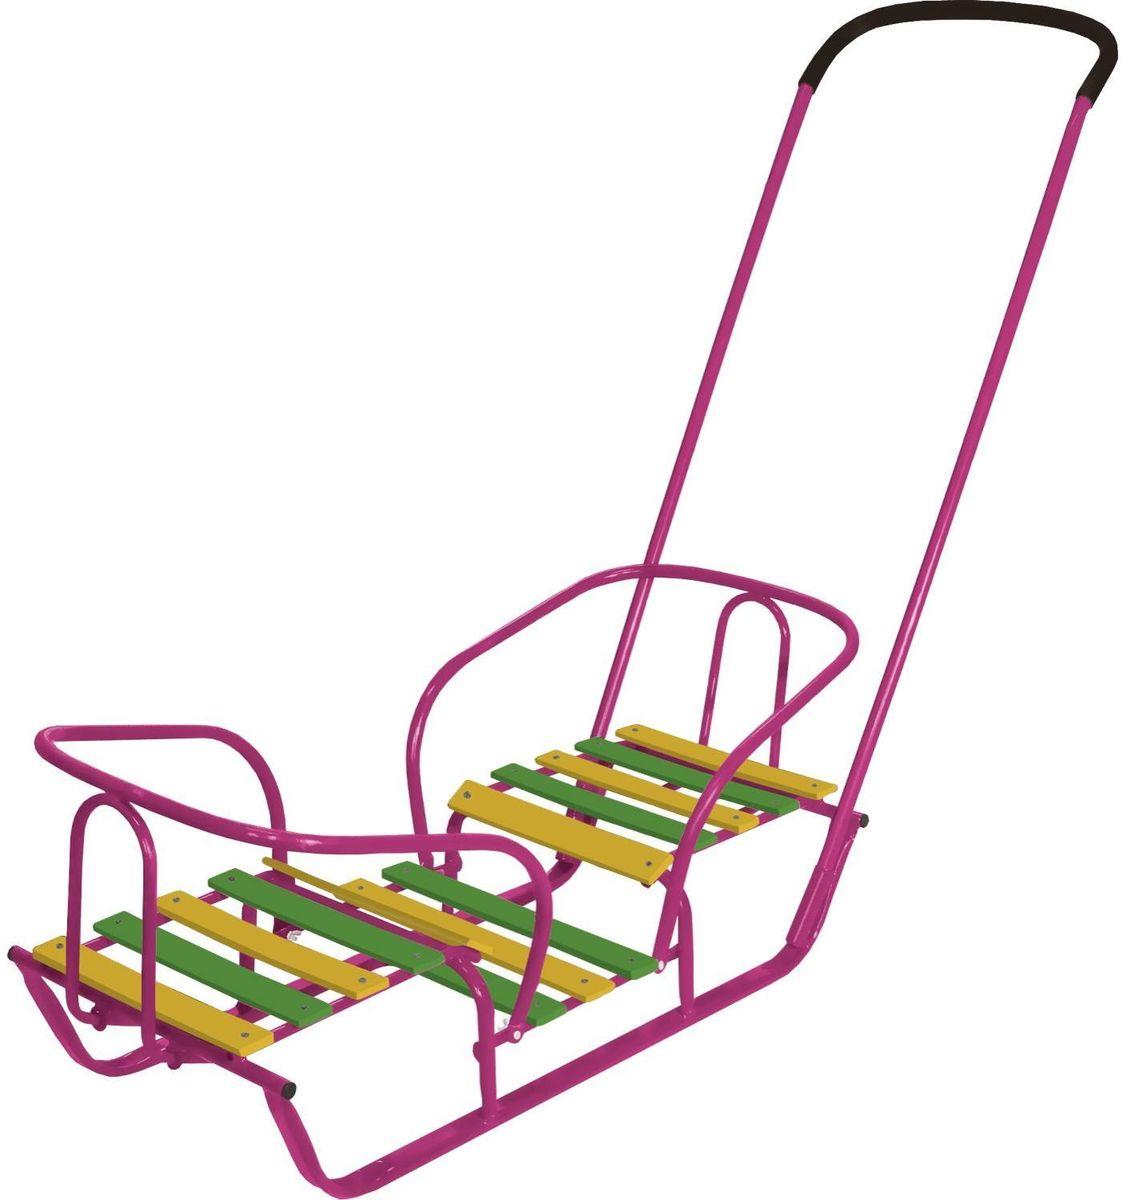 Ника Санки-двойняшки СД цвет сиреневыйСДплоские полозья 30 мм, поперечная рейка сиденья, два места для сиденья, деревянная подножка, длина сиденья- 320мм, ширина- 290мм. Отличный вариант для прогулки с двумя детьми.